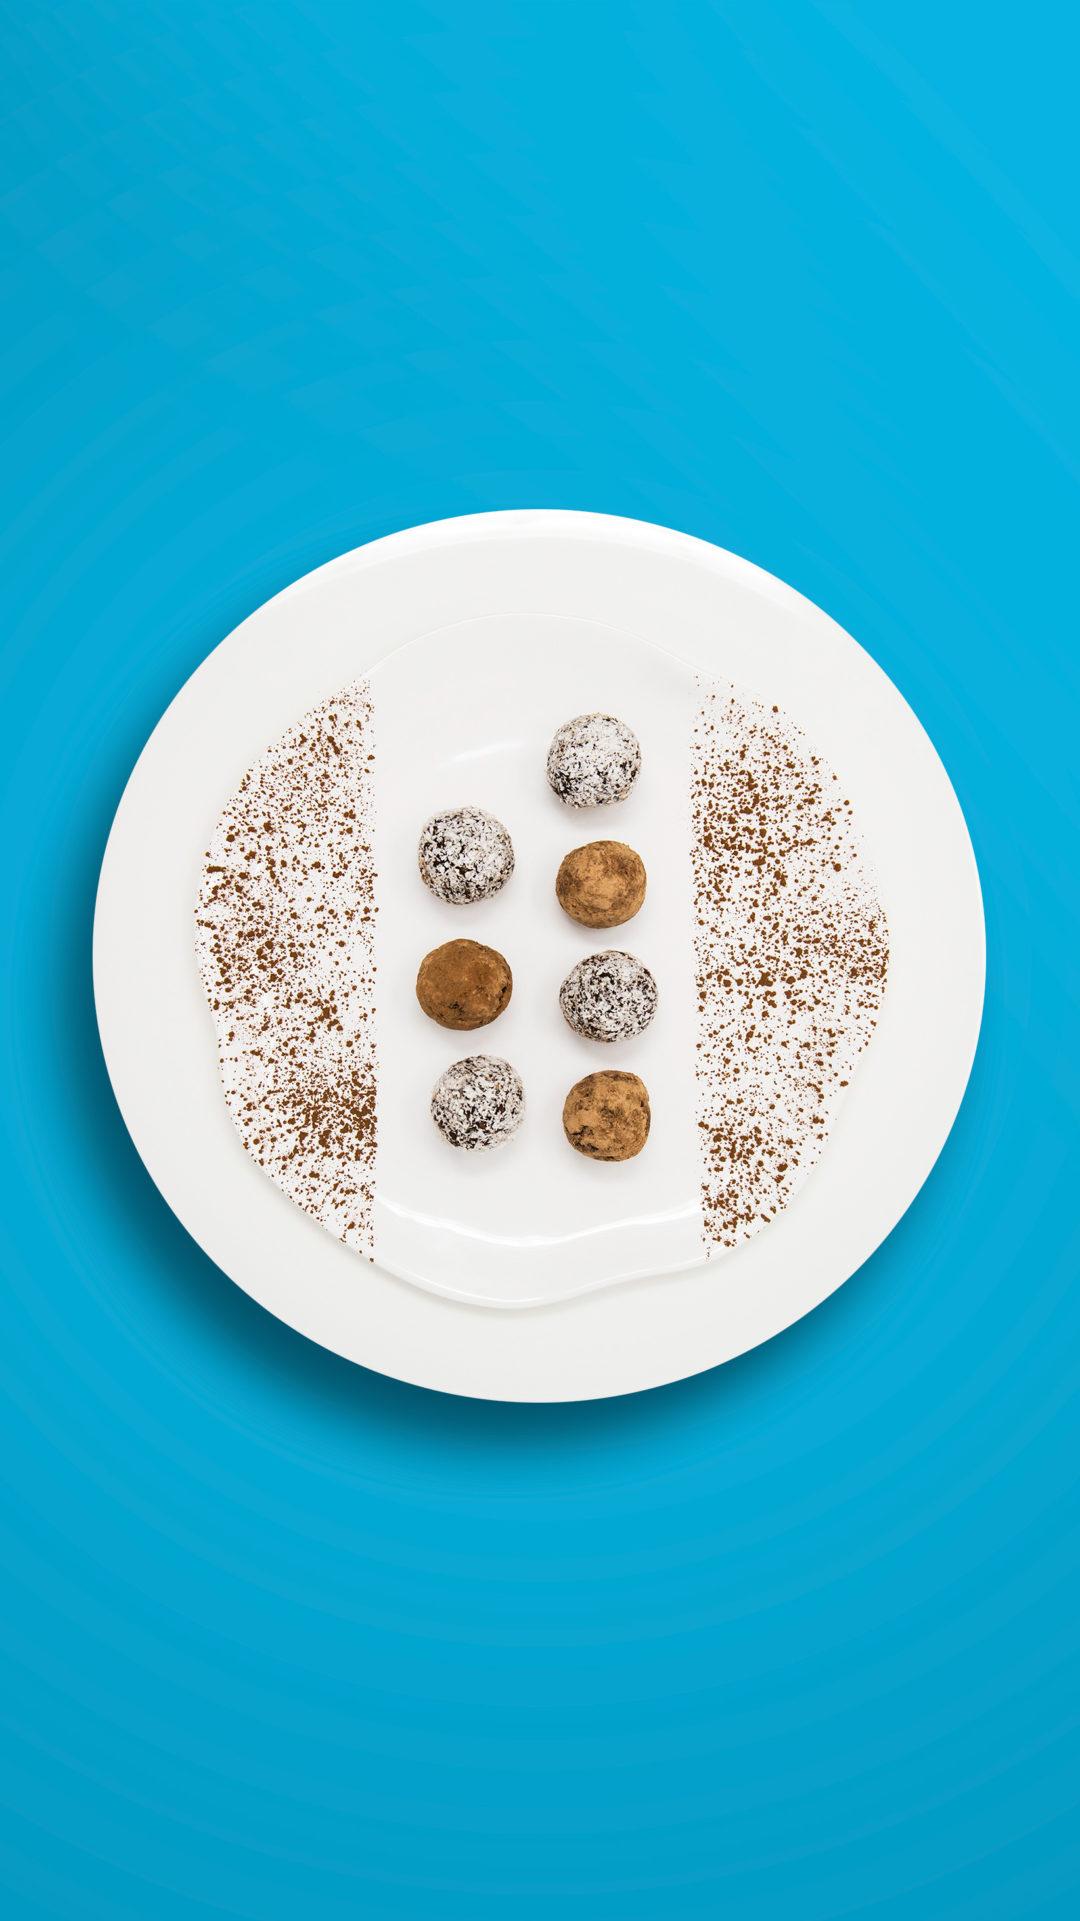 Schokobällchen ohne Extrazucker (25 Stück)